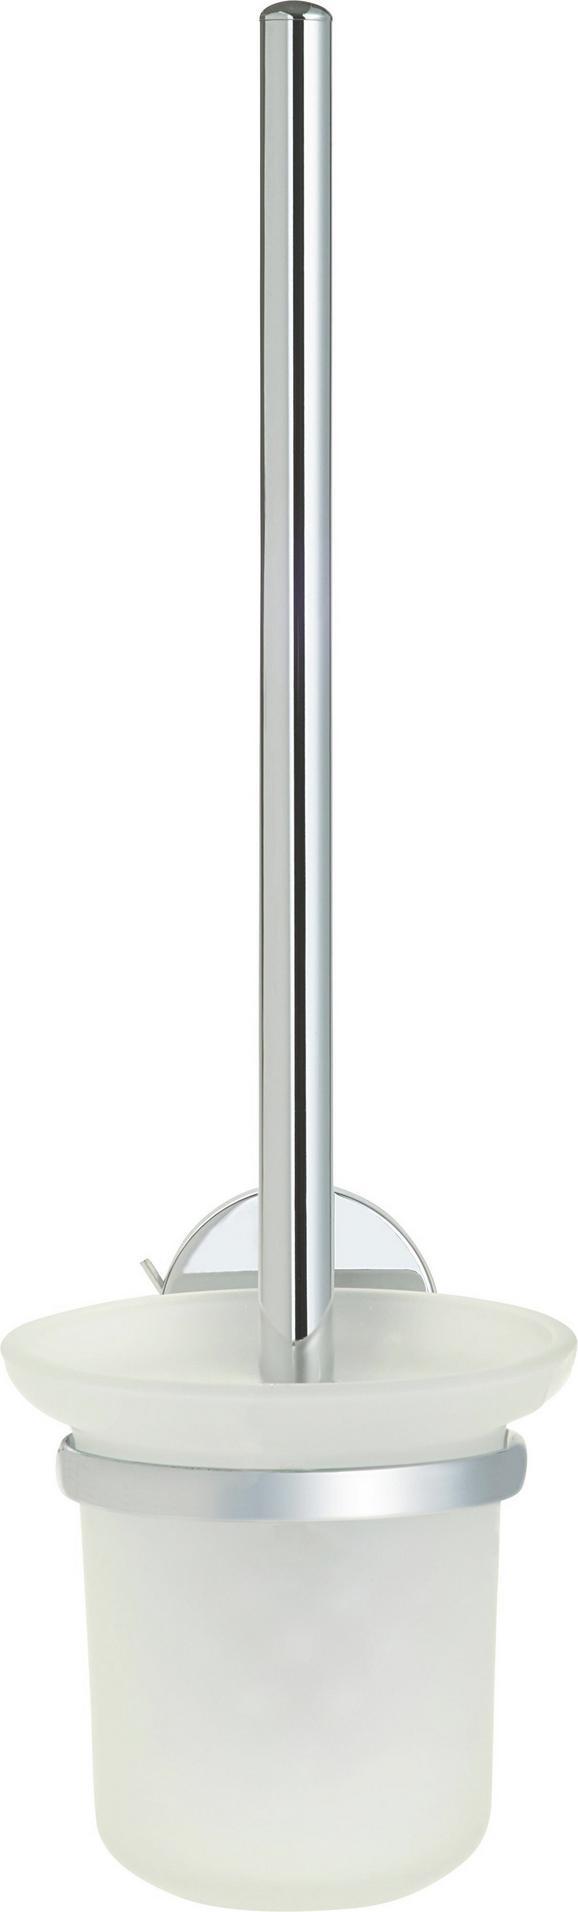 Wc-kefe Tartóval Vision 86766   -sb- - Króm, Műanyag/Üveg (11/38/15cm)